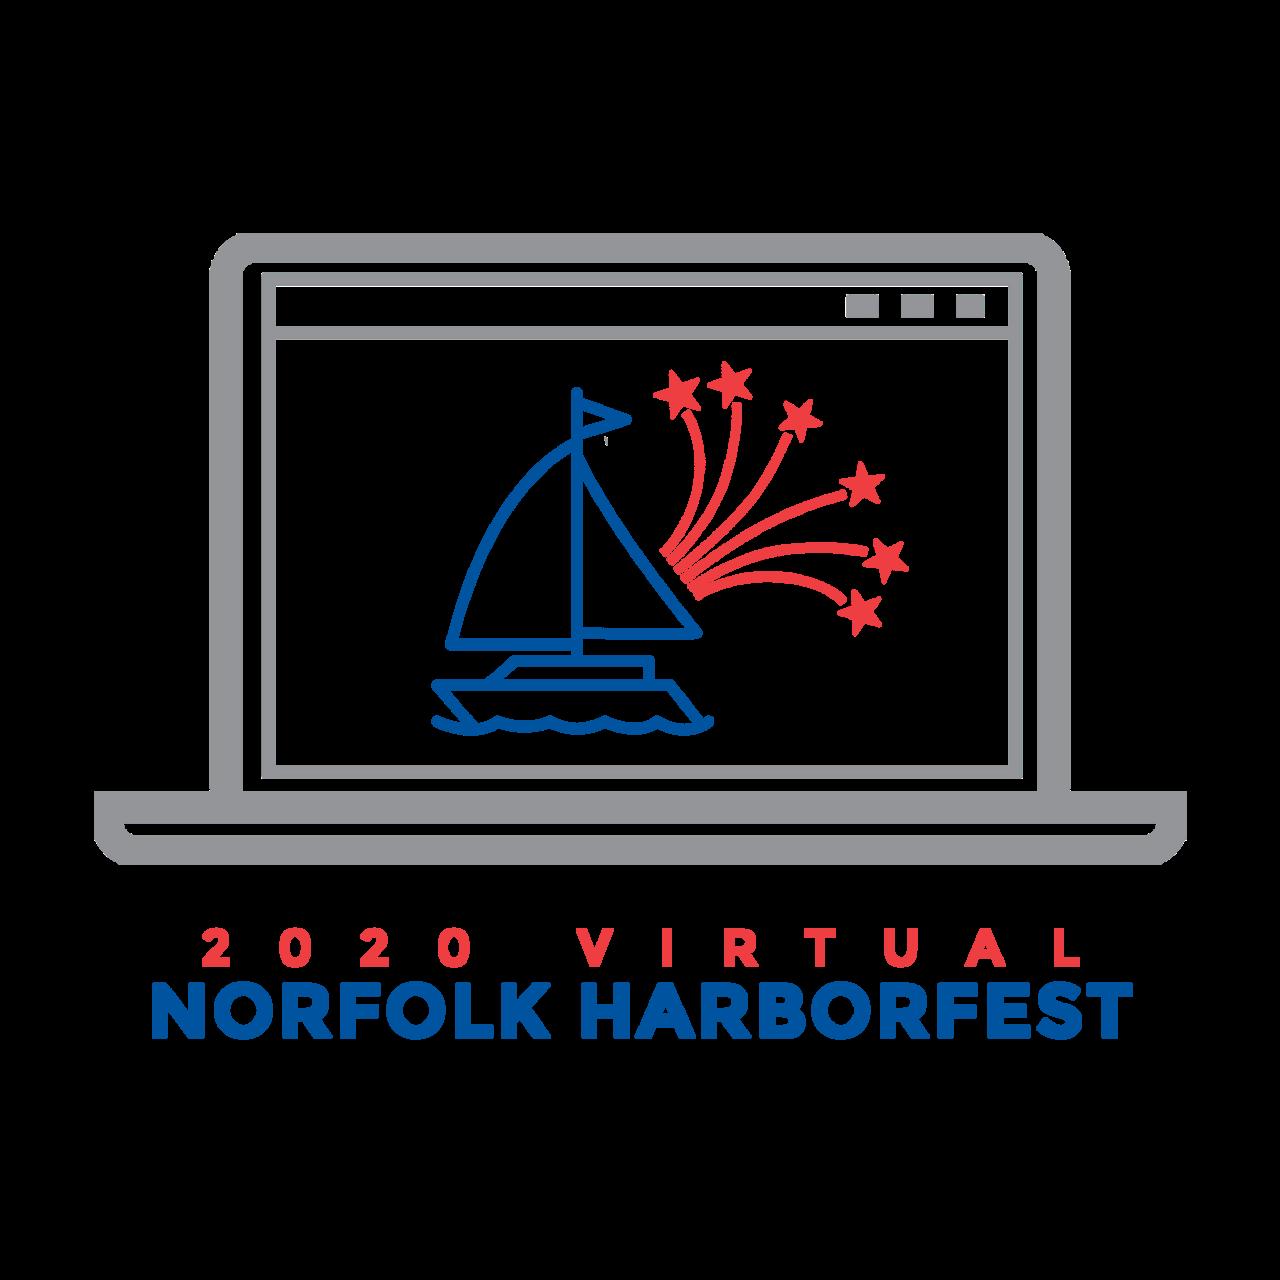 2020 Virtual Norfolk Harborfest.png